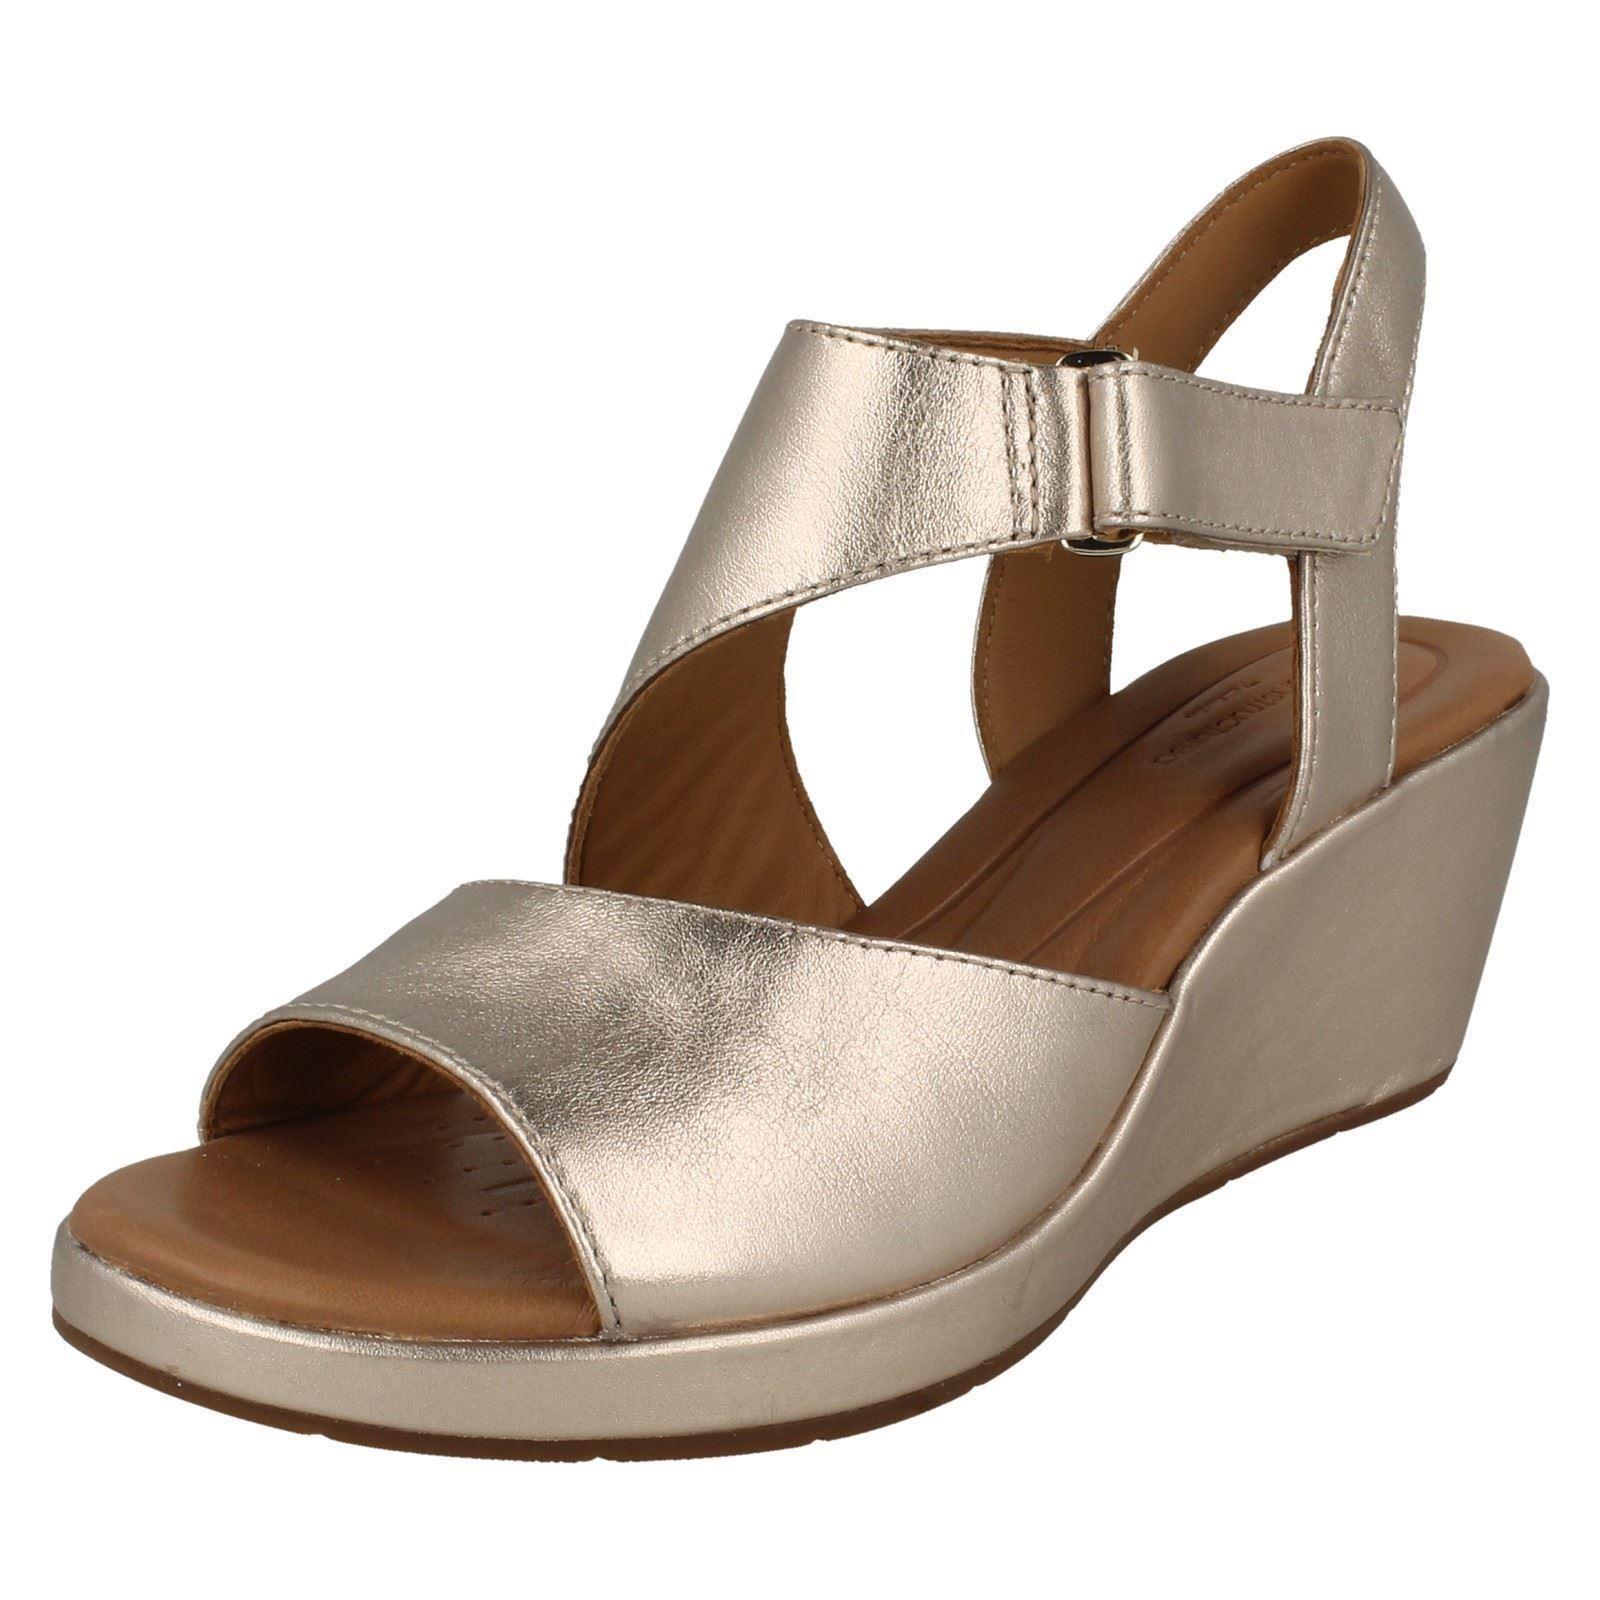 ZQ YYZ Zapatos de mujer - Tac¨®n Bajo - Comfort / Puntiagudos - Planos - Exterior / Casual / Laboral - Semicuero - Negro / Rosa / Blanco / Plata , pink-us12 / eu44 / uk10 / cn46 , pink-us12 / eu44 / u